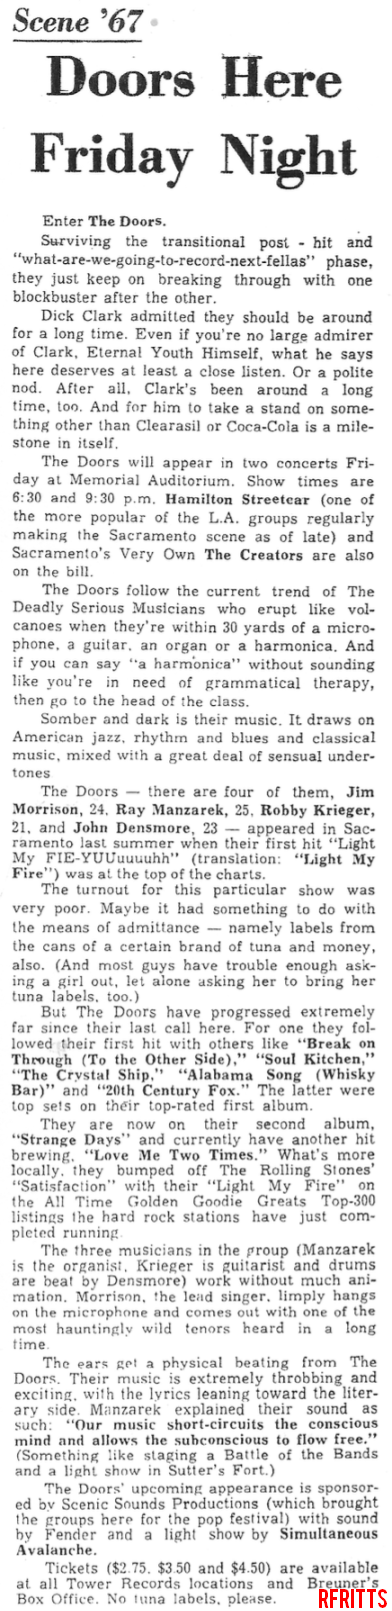 Sacramento 1967 - Article